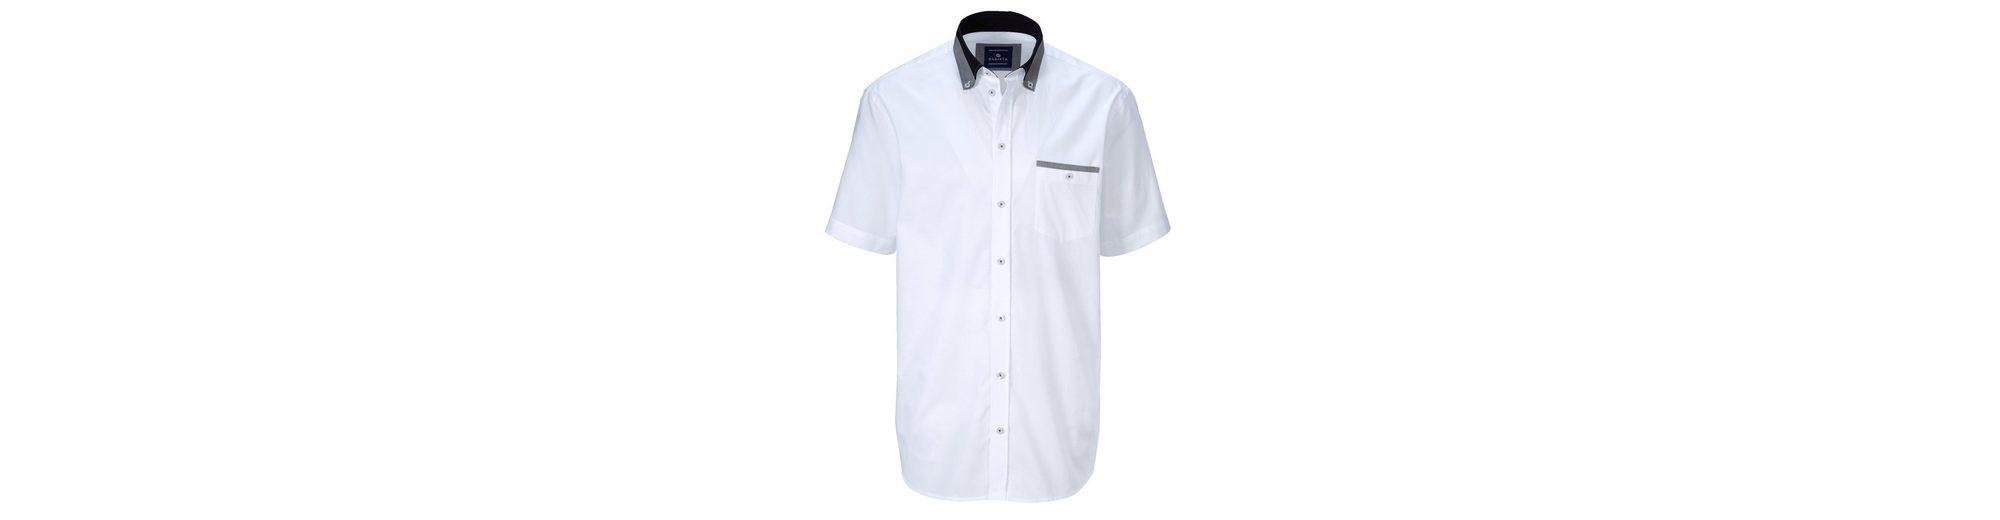 Babista Hemd mit feiner Struktur Günstig Kaufen Neueste mjjfC